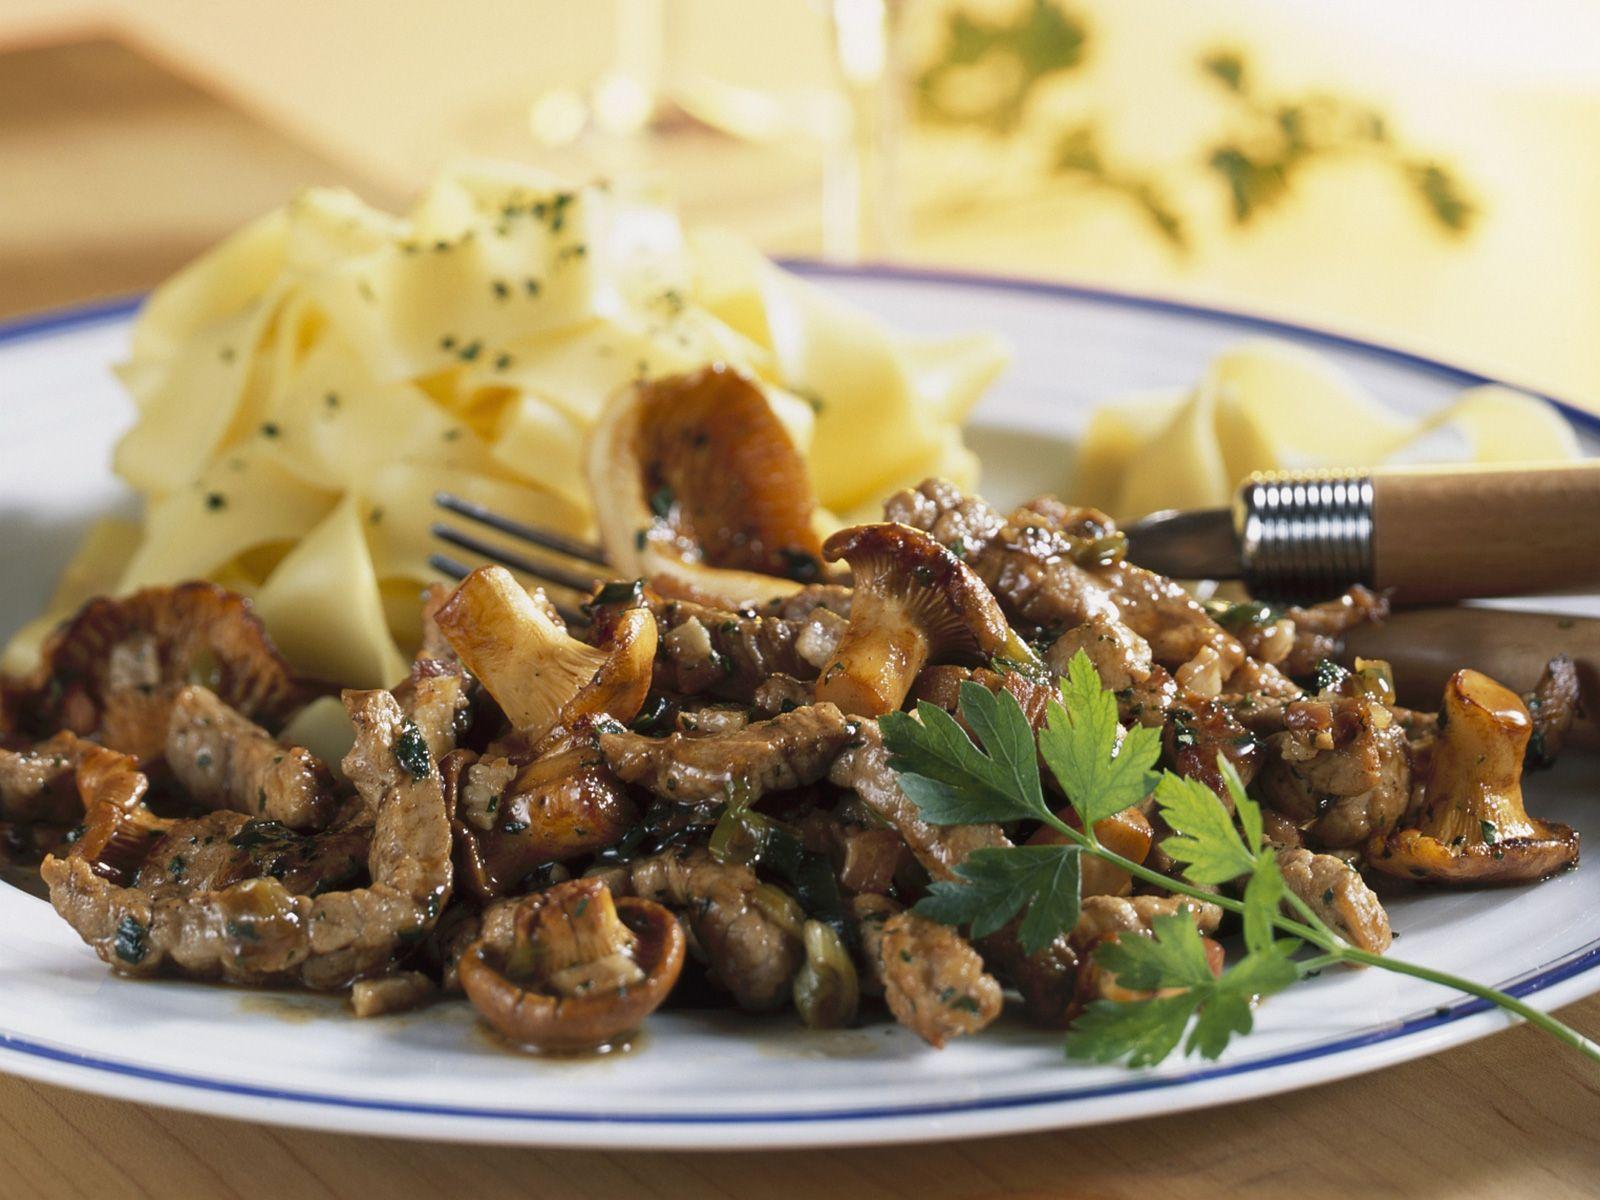 Würziger Fleisch mit Pfifferlingen und Nudeln Rezept | EAT SMARTER